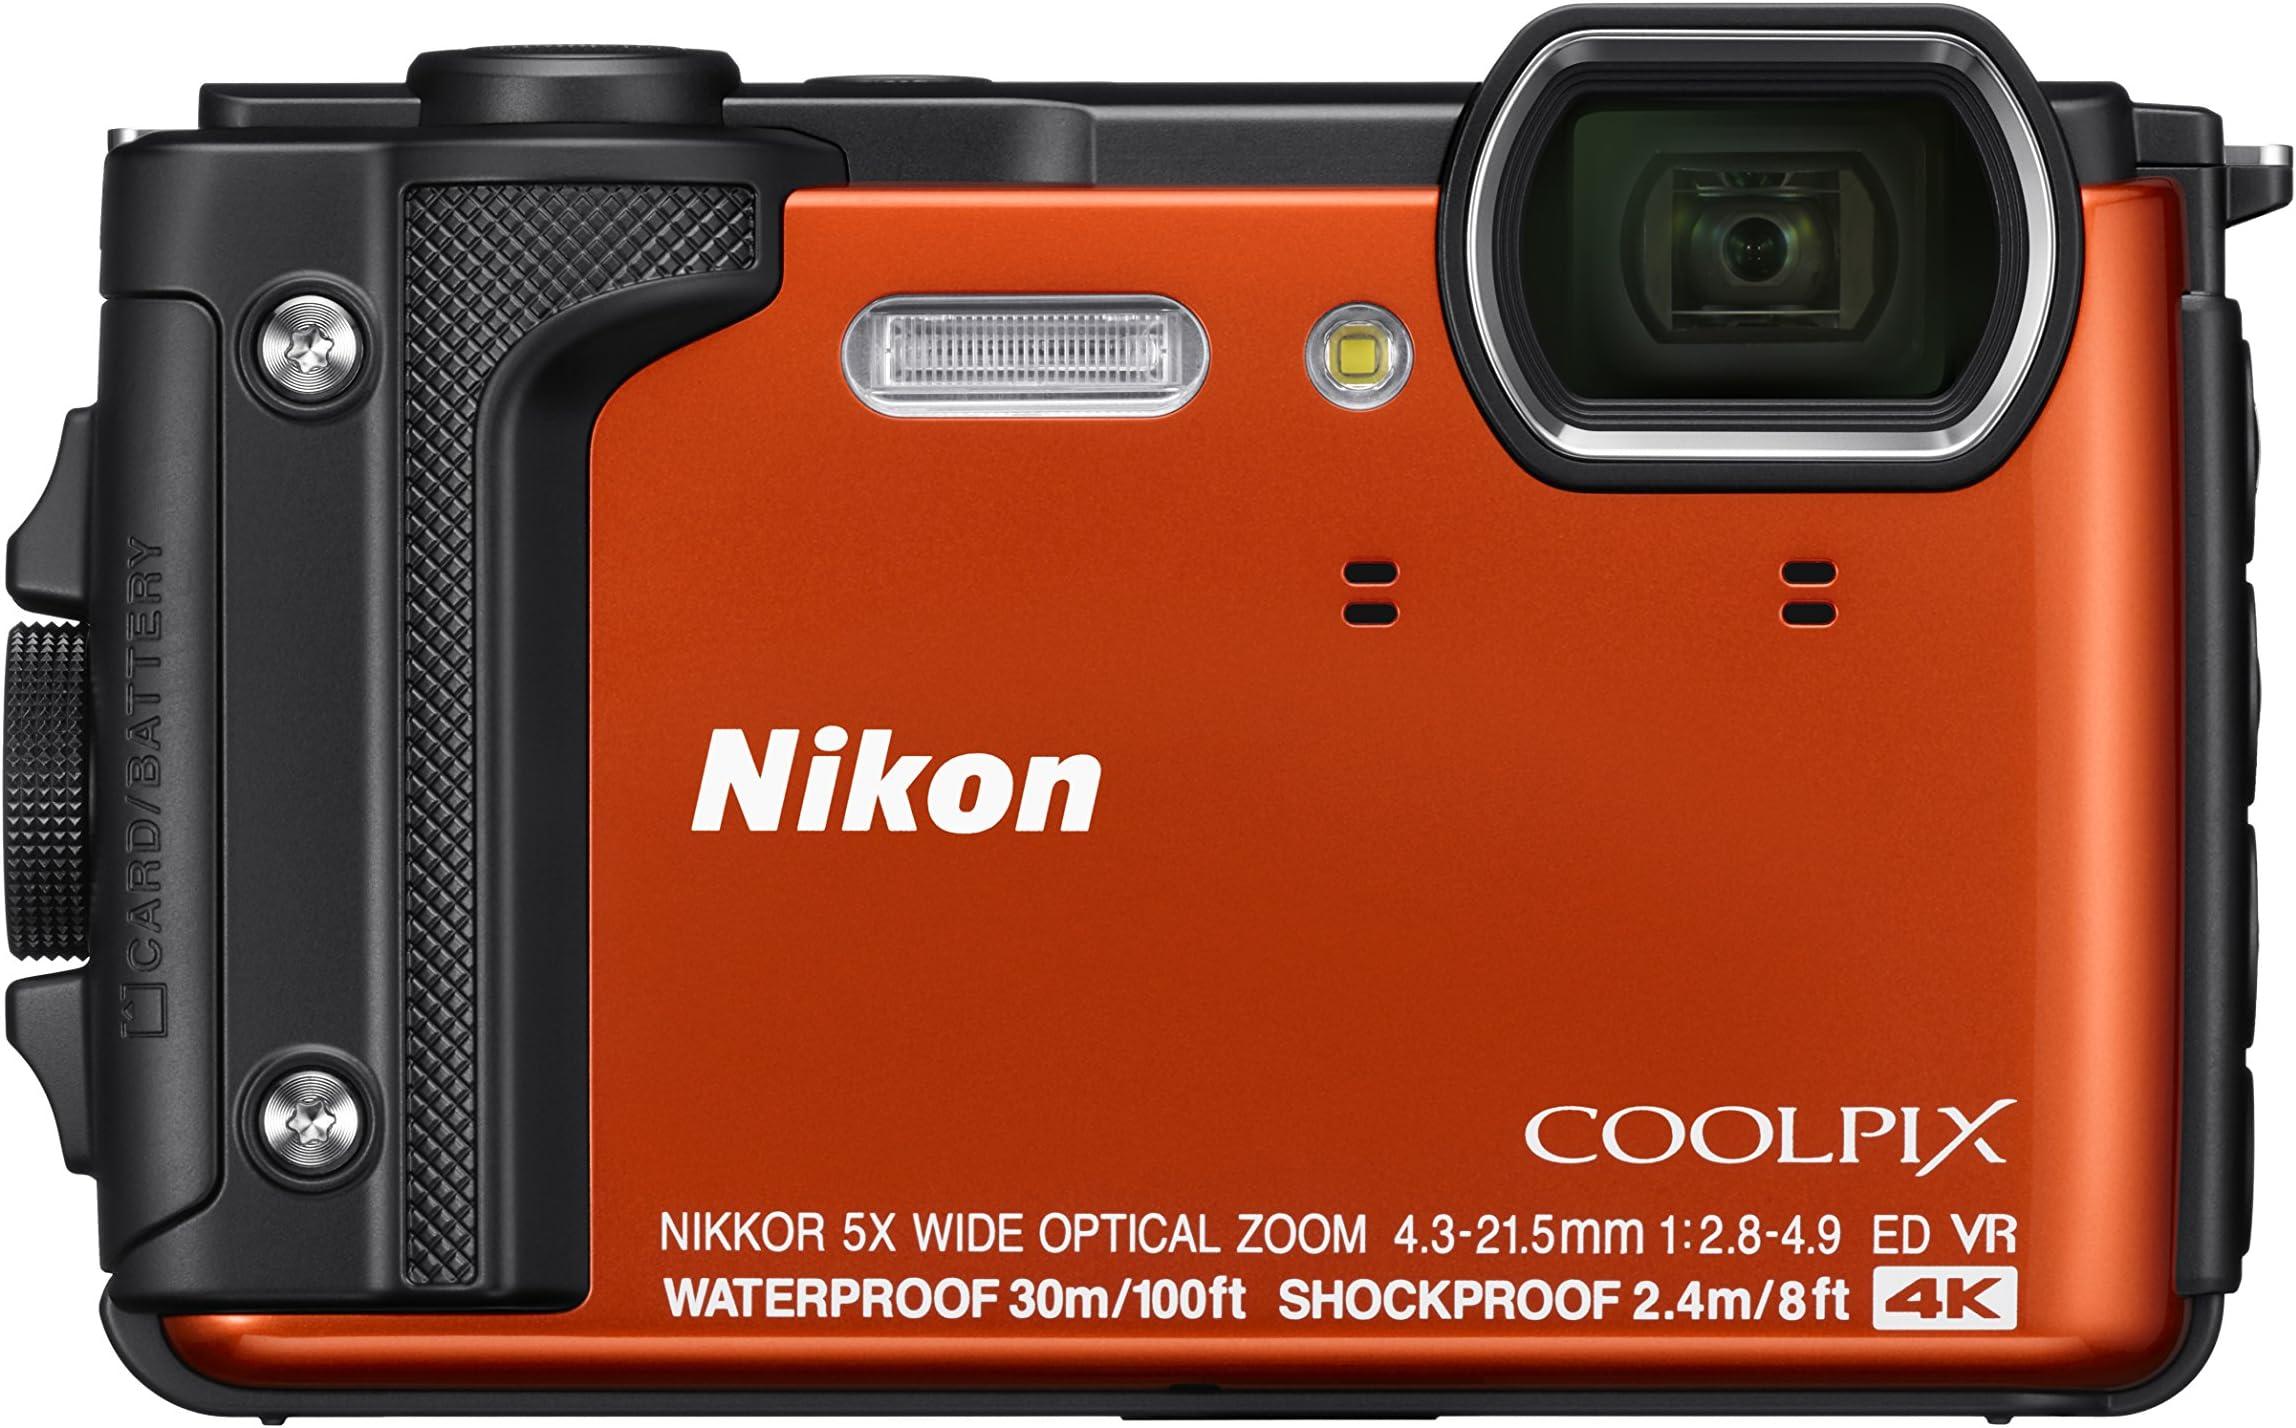 """Nikon W300 Waterproof Underwater Digital Camera with TFT LCD, 3"""", Orange (26524)"""